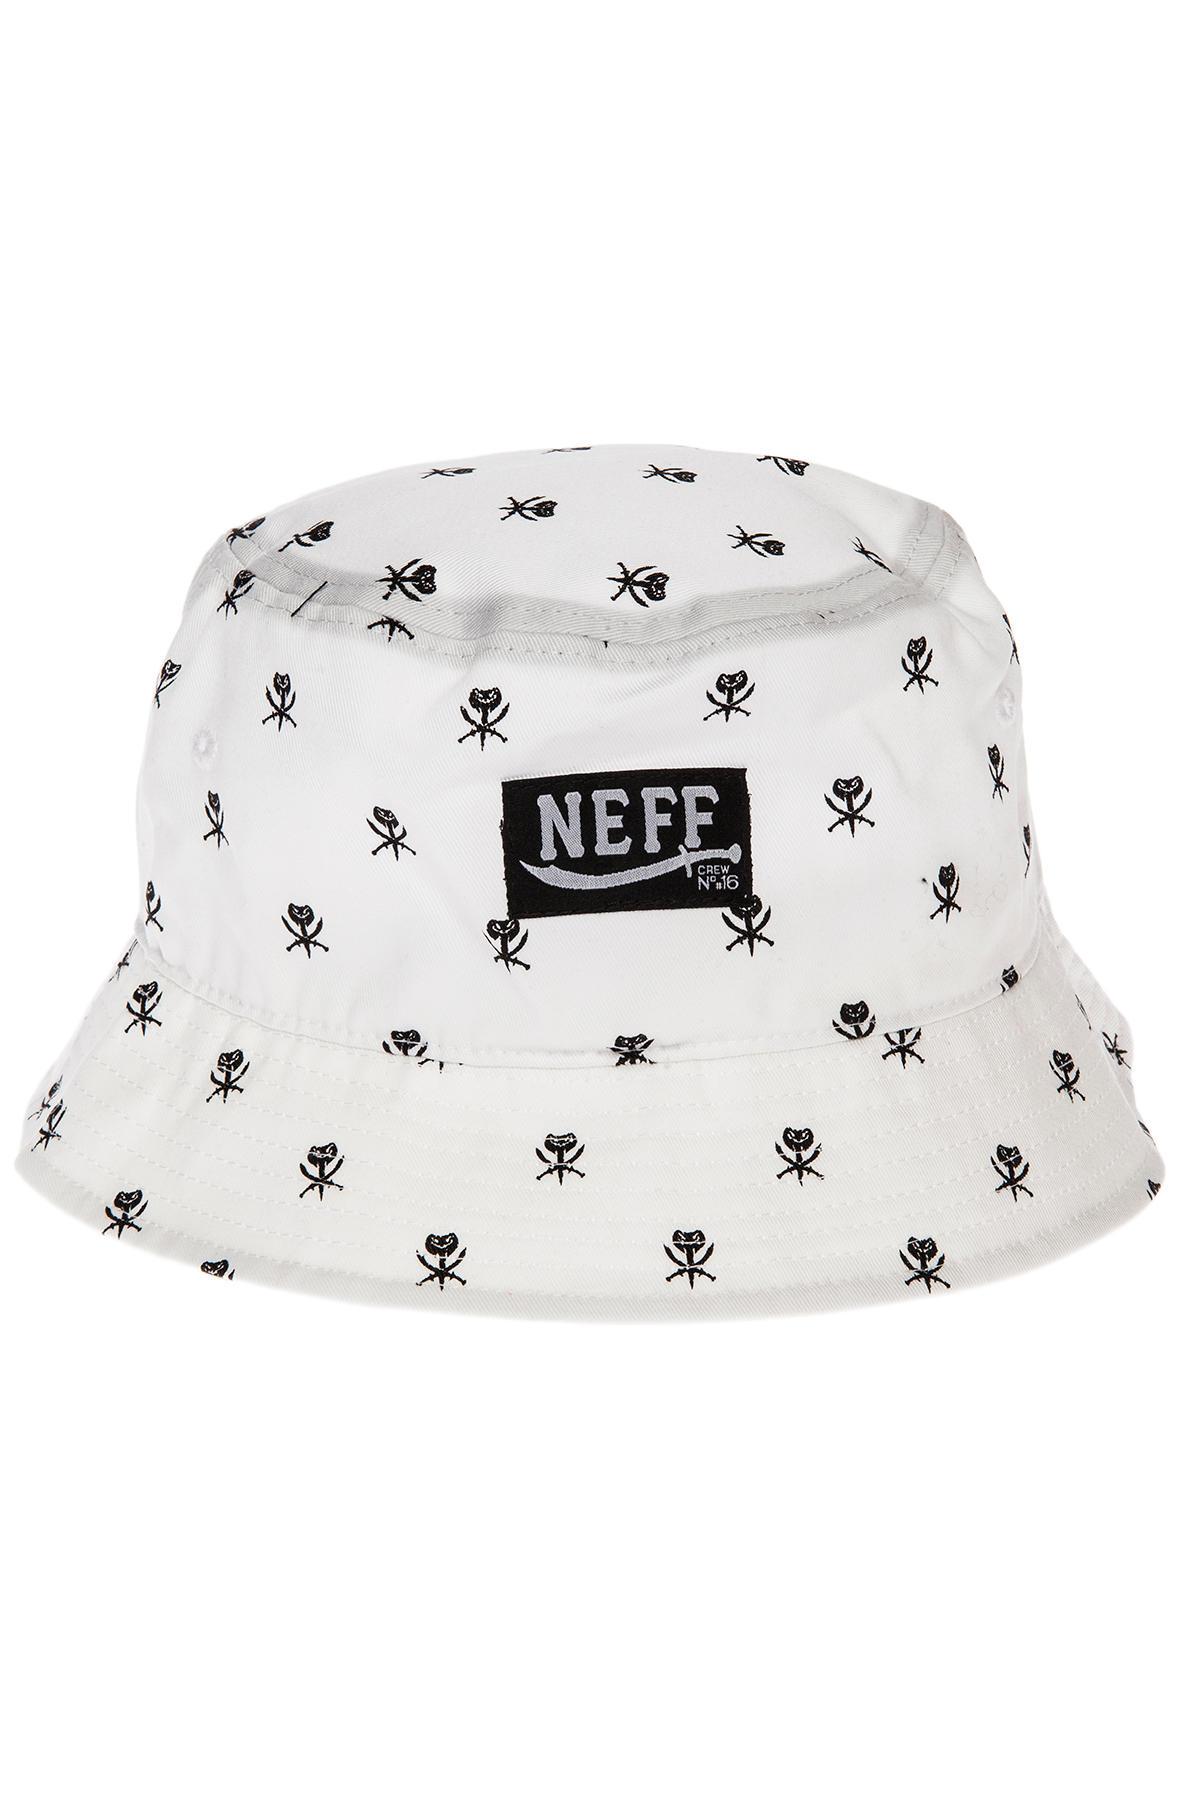 Lyst - Neff The Sultans Bucket Hat in White for Men e878b7ebc5f